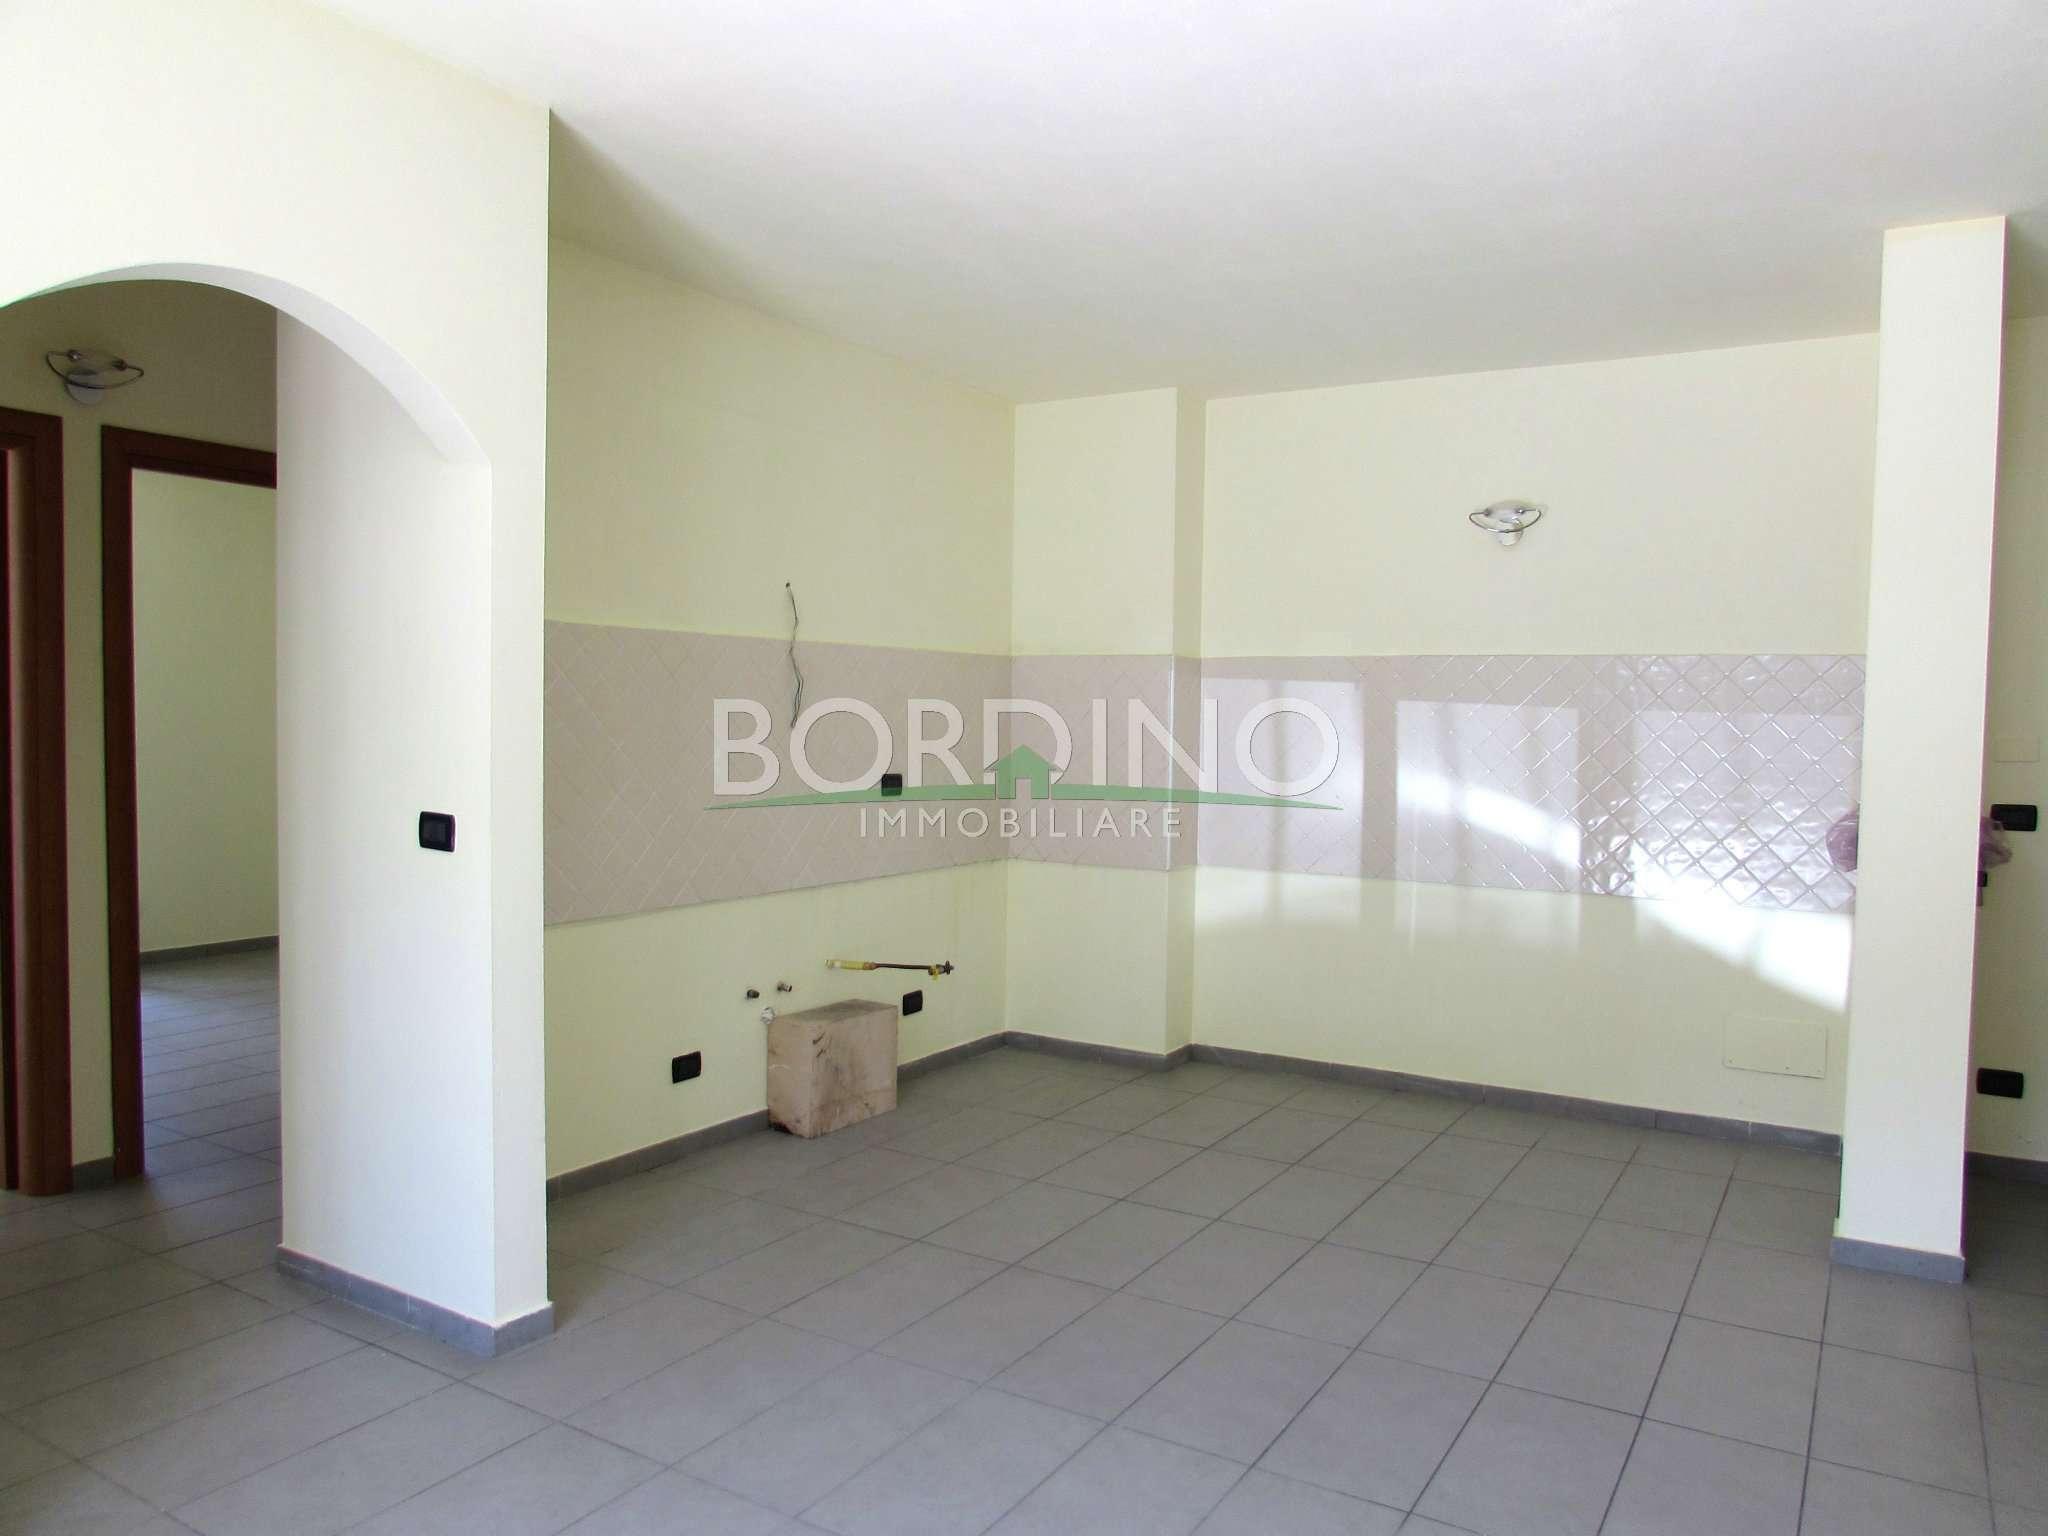 Appartamento in vendita a Priocca, 3 locali, prezzo € 75.000 | CambioCasa.it